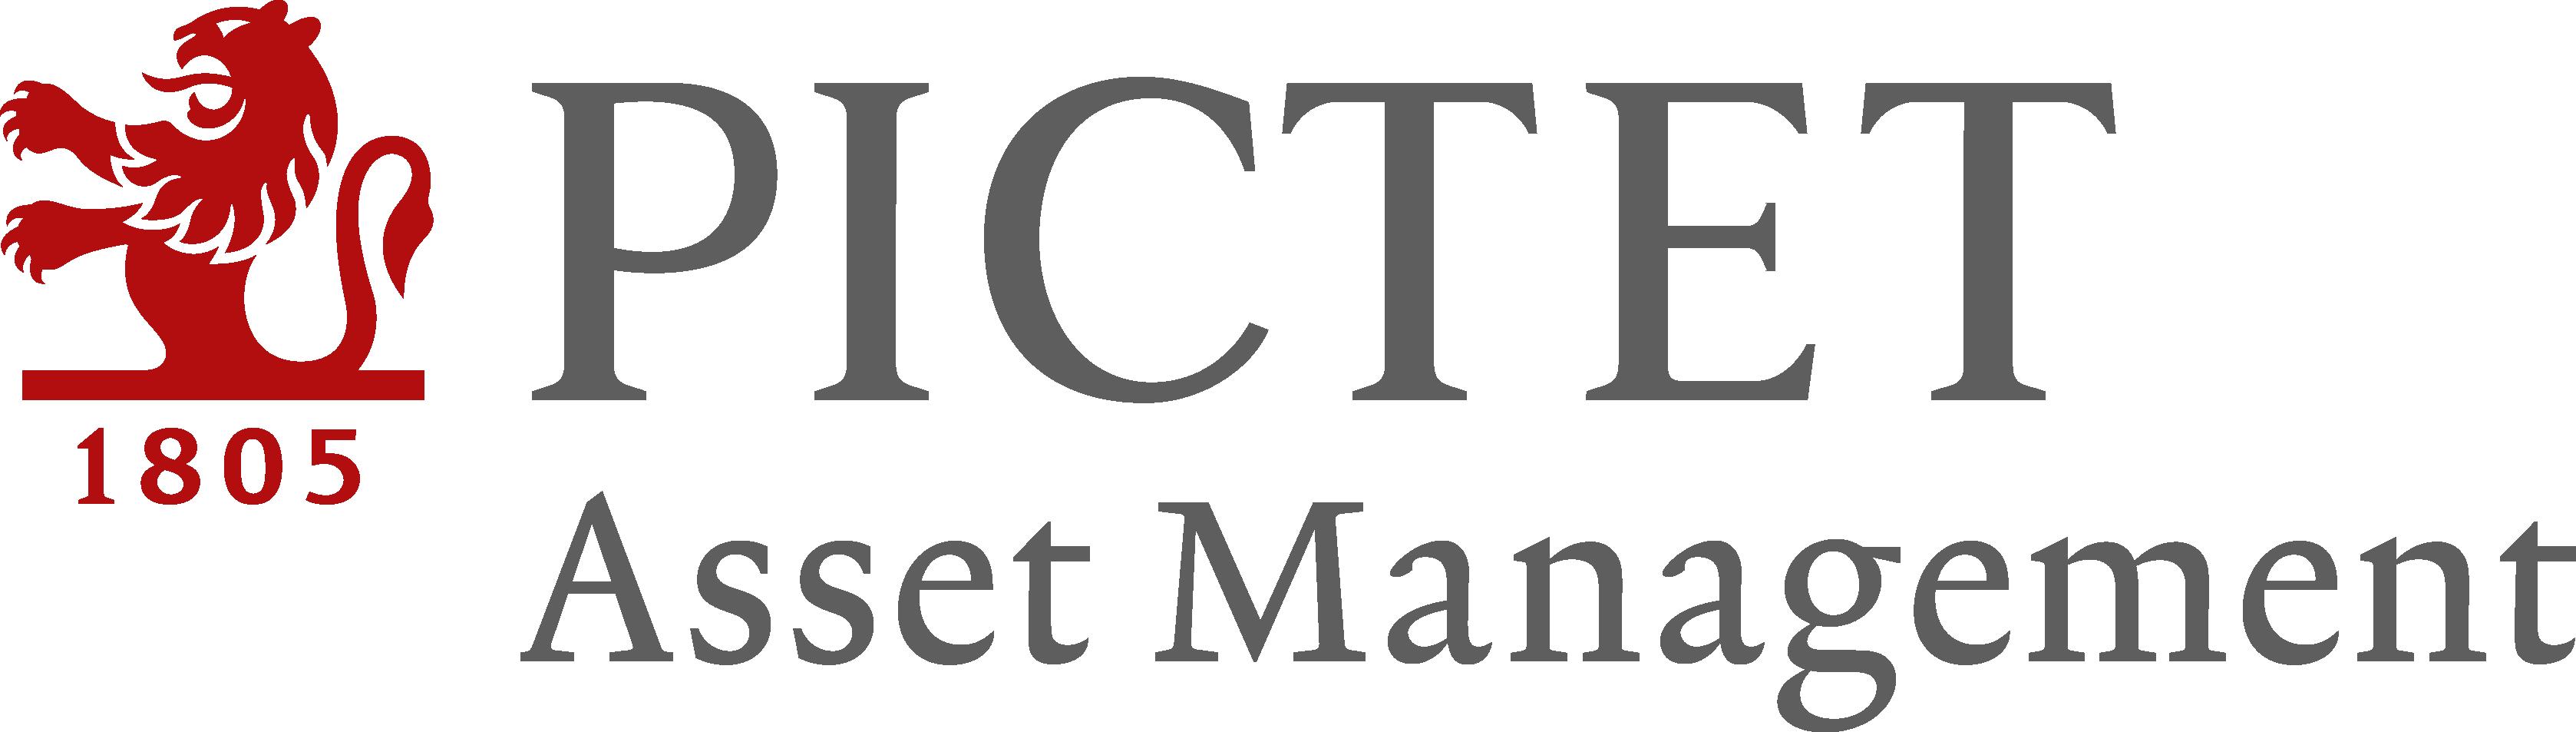 Pictet Asset Management